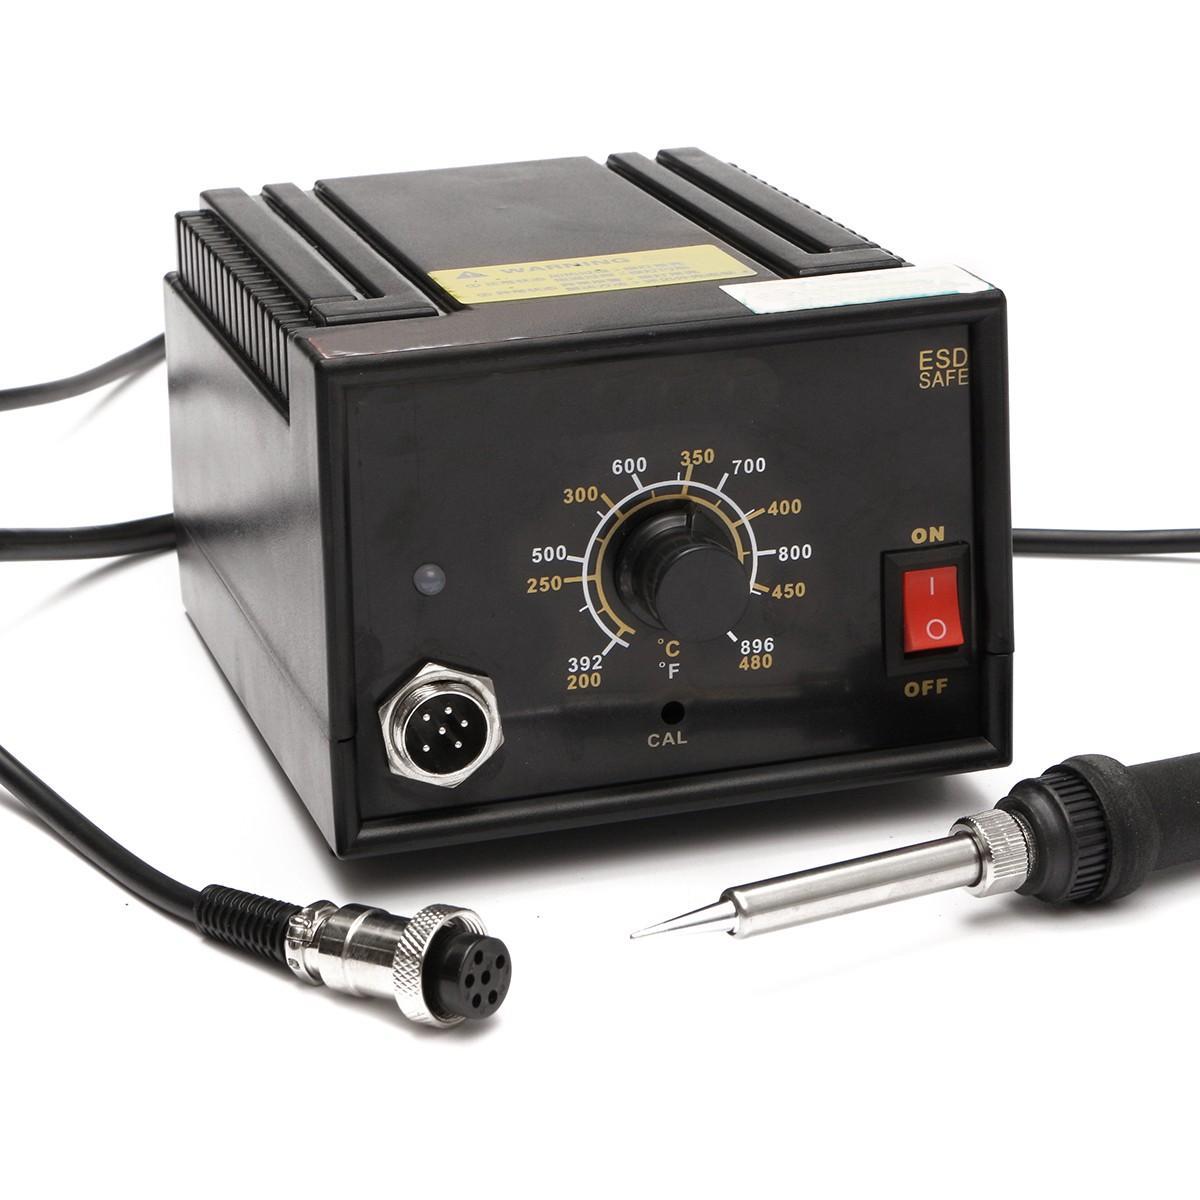 110V-220V 936 Inverter Frequency Change Electric Soldering Station Soldering Iron Set